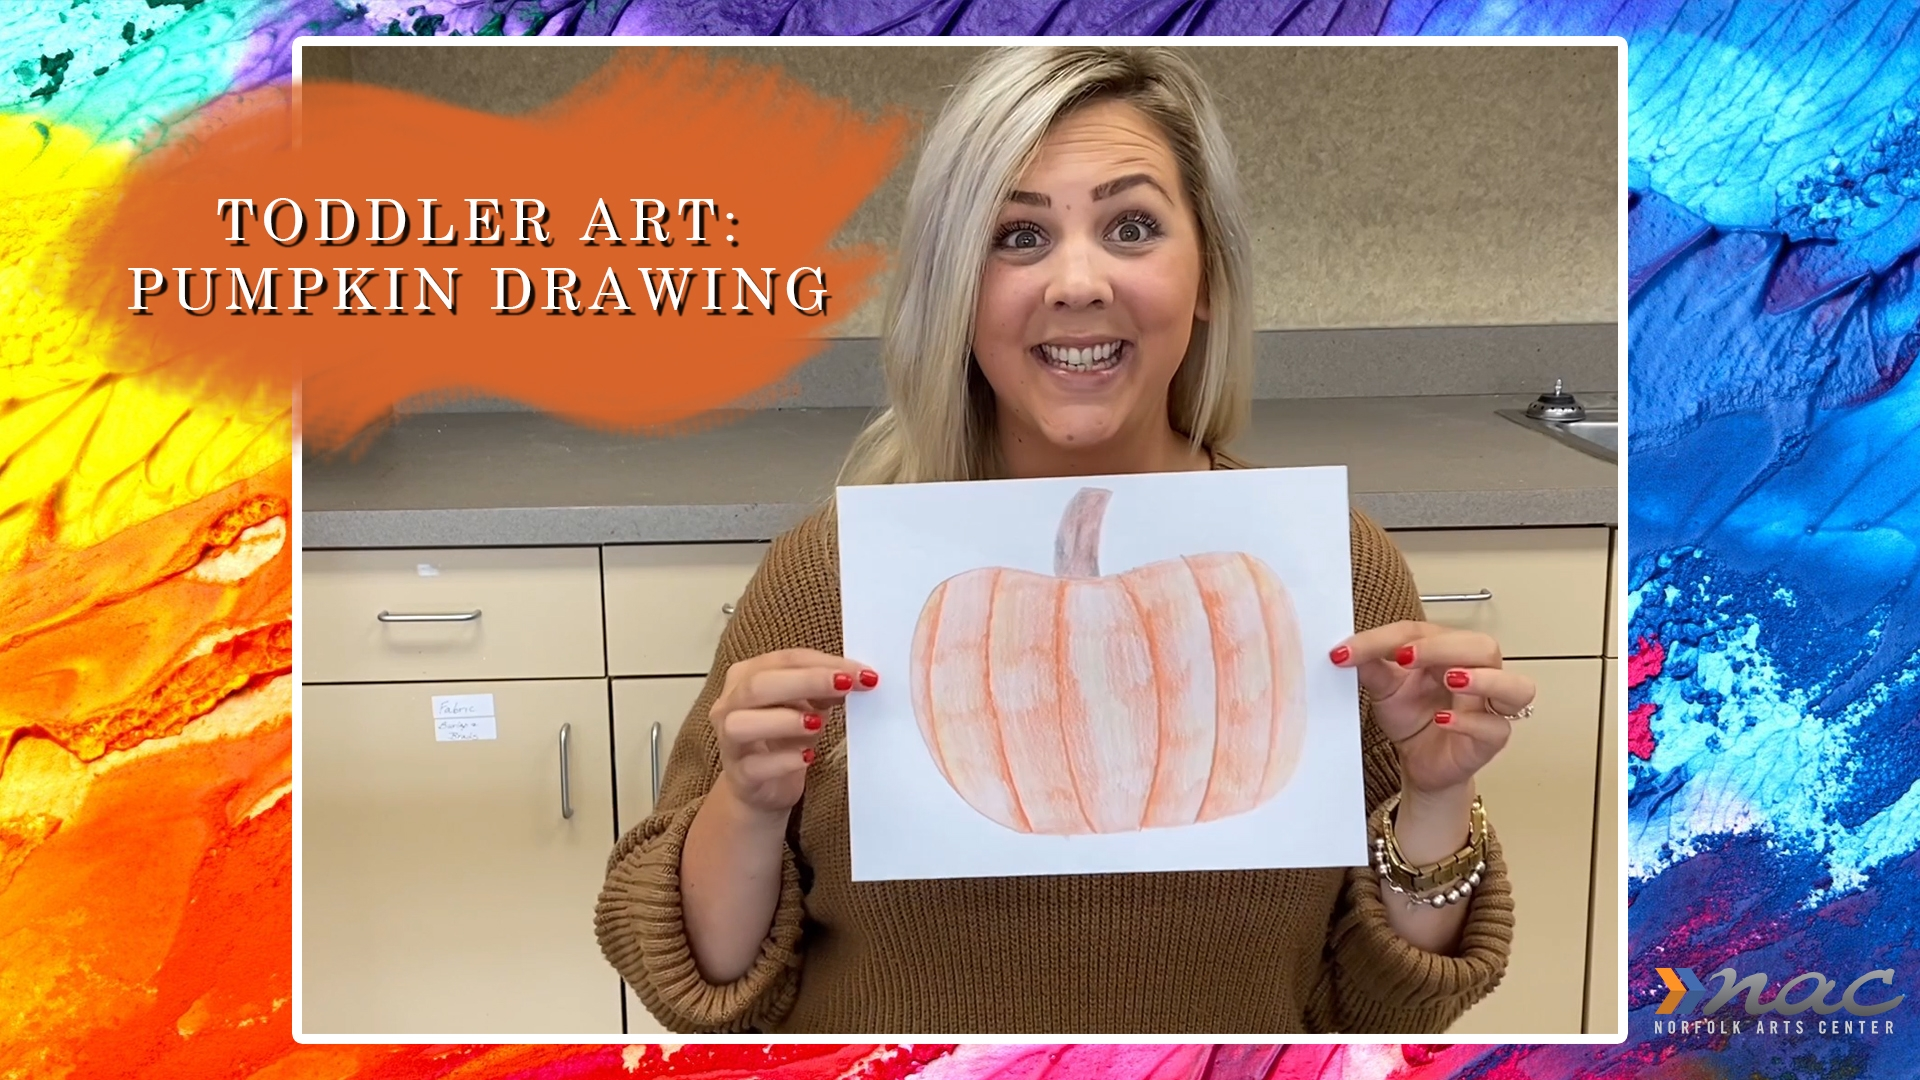 Toddler Art Pumkin Drawing